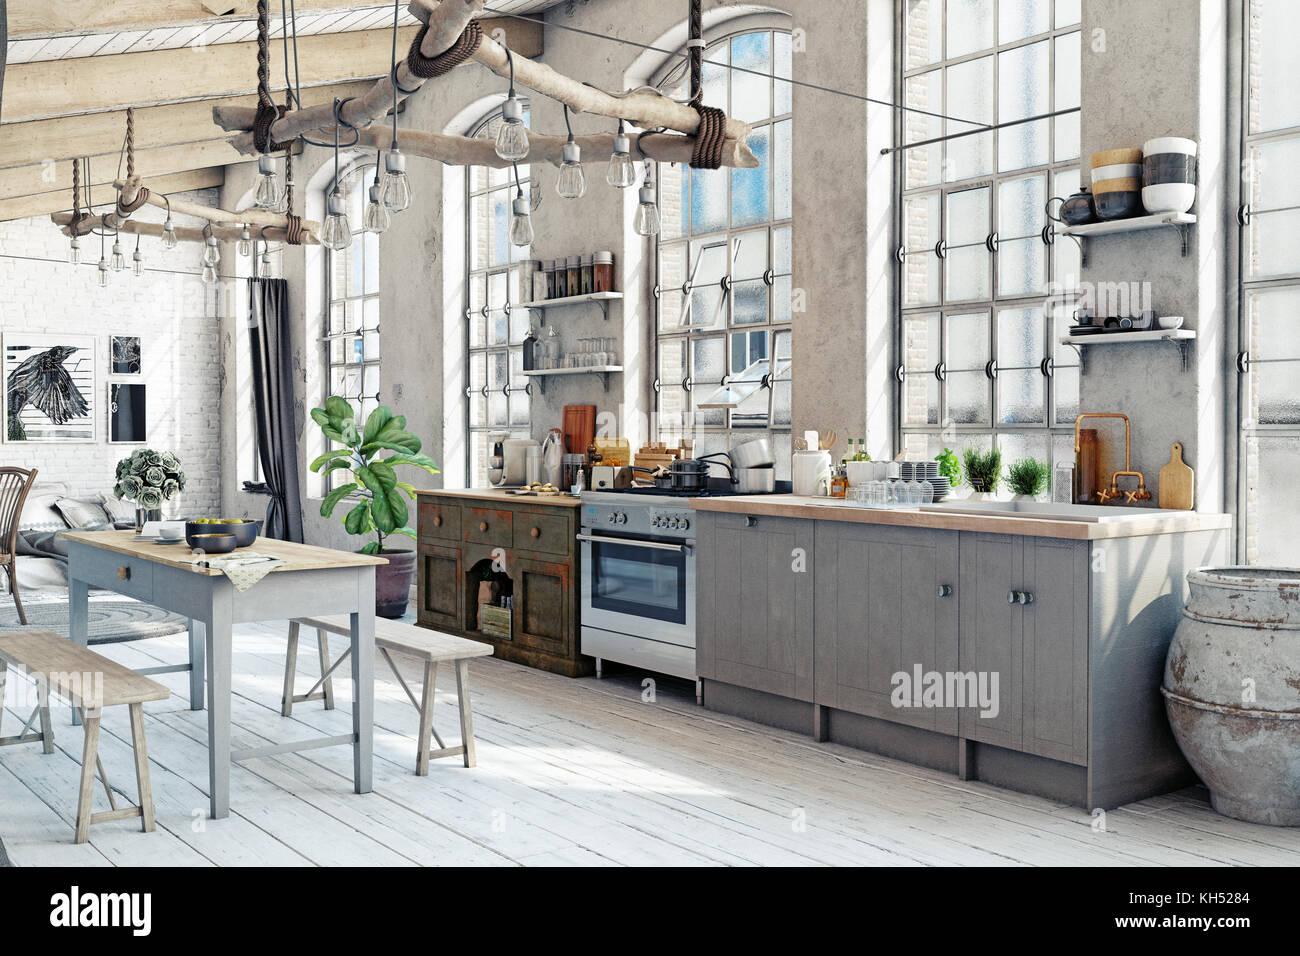 Ático Loft cocina interior. Concepto de representación 3D Imagen De Stock